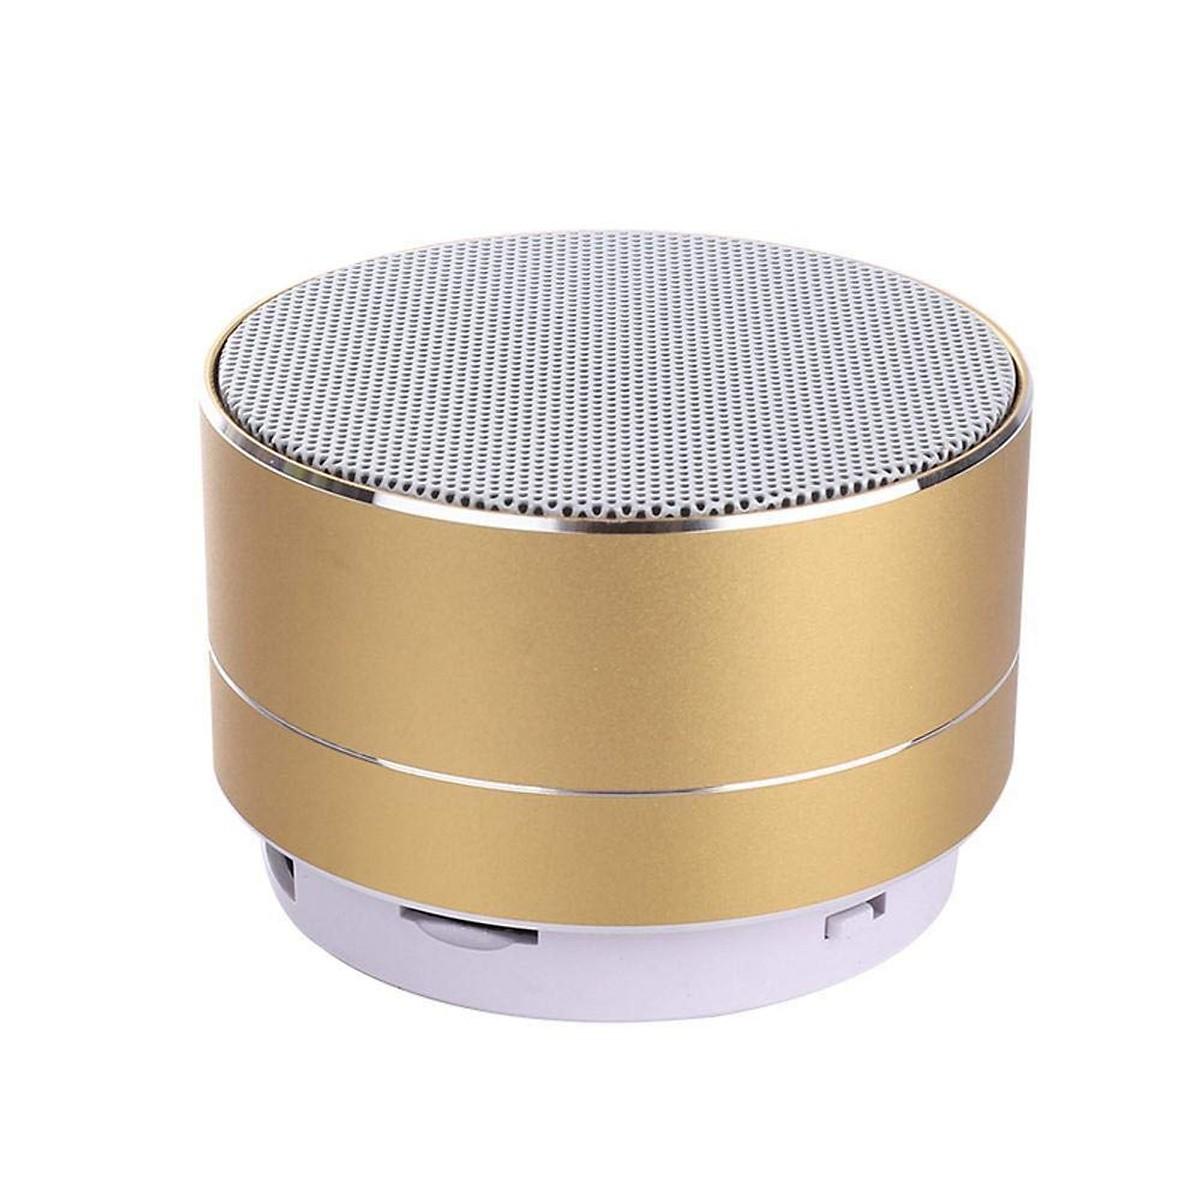 Loa Bluetooth A10 Mini Vỏ Nhôm Cao Cấp (Màu ngẫu nhiên)